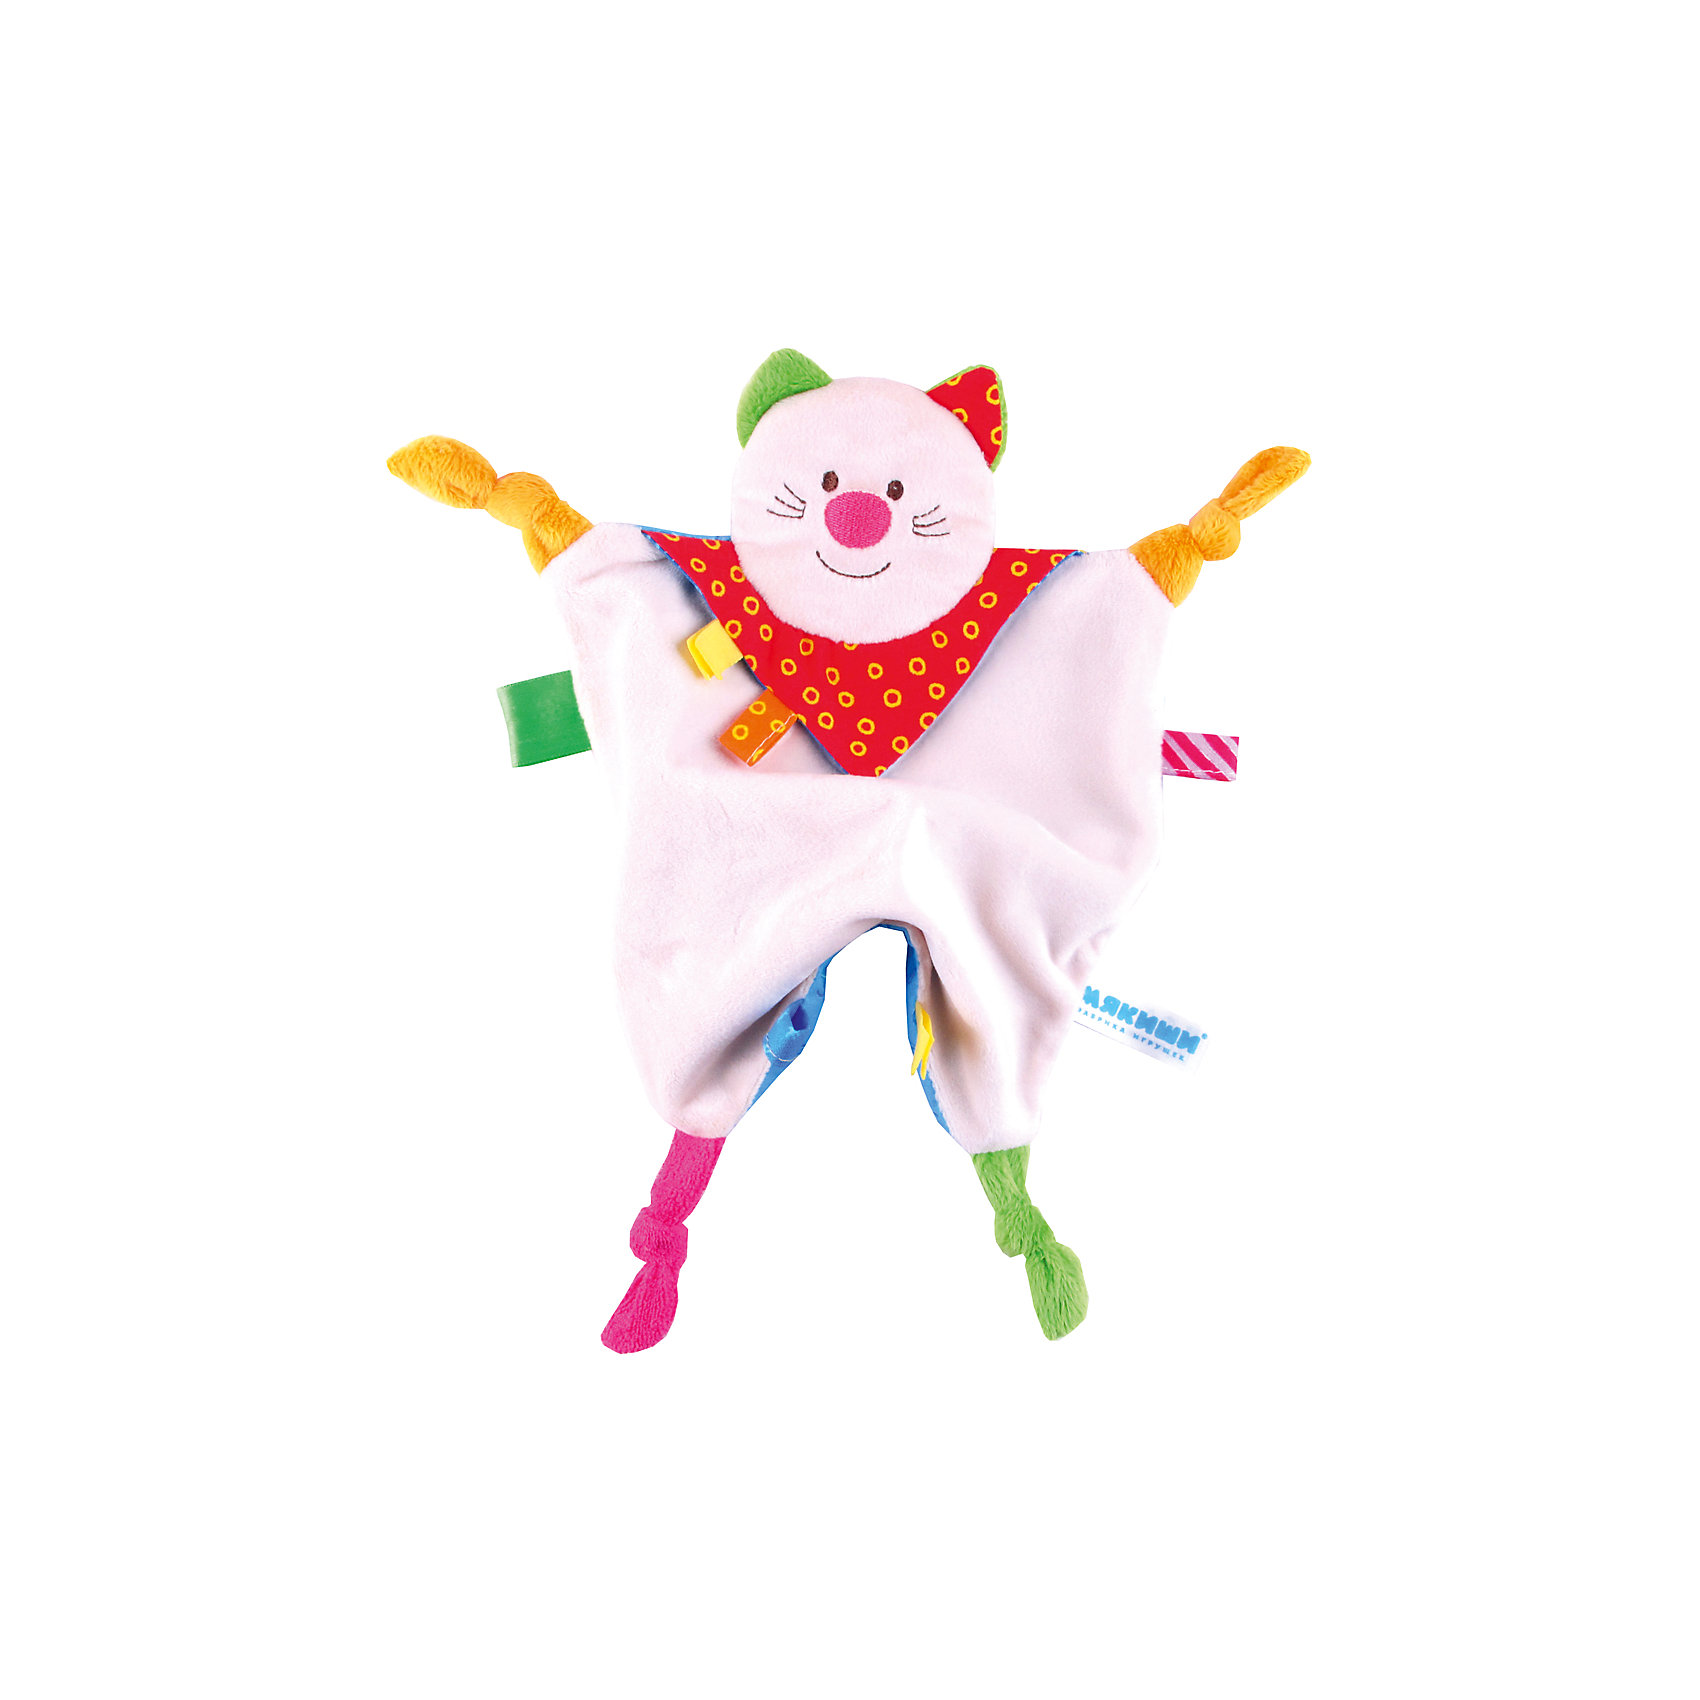 Платочек Котенок, МякишиХарактеристики товара:<br><br>• материал: разнофактурный текстиль, поролон<br>• комплектация: 1 шт<br>• размер игрушки: 35х20 см<br>• петельки<br>• прорезыватель<br>• развивающая игрушка<br>• упаковка: картон<br>• страна бренда: РФ<br>• страна изготовитель: РФ<br><br>Малыши активно познают мир и тянутся к новой информации. Чтобы сделать процесс изучения окружающего пространства интереснее, ребенку можно подарить развивающие игрушки. В процессе игры информация усваивается намного лучше!<br>Такие игрушки помогут занять малыша, играть ими приятно и весело. Одновременно они позволят познакомиться со многими цветами, фактурами, а также научиться завязывать петли. Подобные игрушки развивают тактильные ощущения, моторику, цветовосприятие, логику, воображение, учат фокусировать внимание. Каждое изделие абсолютно безопасно – оно создано из качественной ткани с мягким наполнителем. Игрушки производятся из качественных и проверенных материалов, которые безопасны для детей.<br><br>Платочек Котенок от бренда Мякиши можно купить в нашем интернет-магазине.<br><br>Ширина мм: 250<br>Глубина мм: 20<br>Высота мм: 200<br>Вес г: 50<br>Возраст от месяцев: 12<br>Возраст до месяцев: 36<br>Пол: Унисекс<br>Возраст: Детский<br>SKU: 5183221